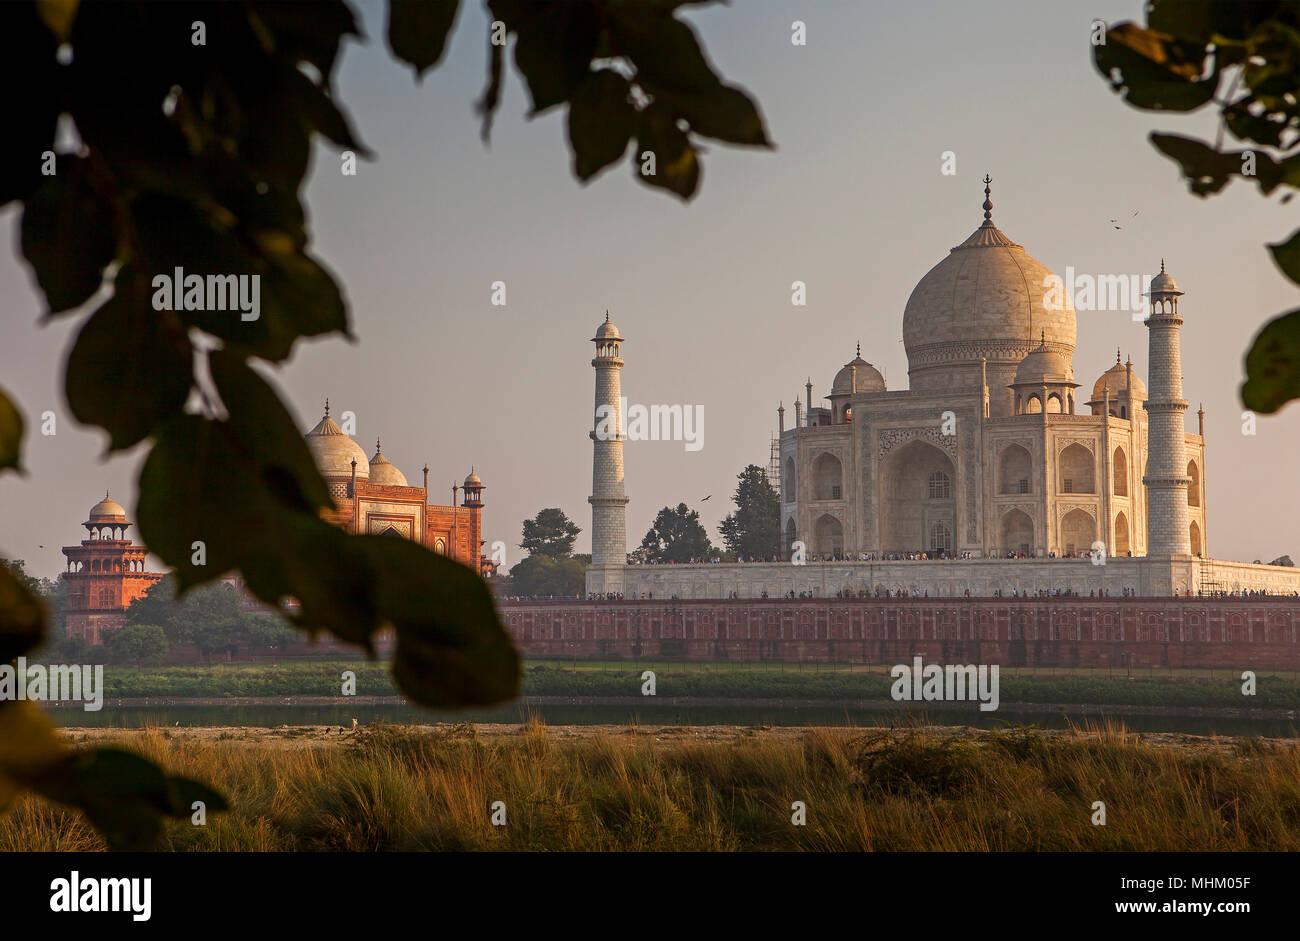 Ossature bois, encadrée, cadre, Taj Mahal, à partir de la rivière Yamuna, UNESCO World Heritage Site, Agra, Uttar Pradesh, Inde Photo Stock